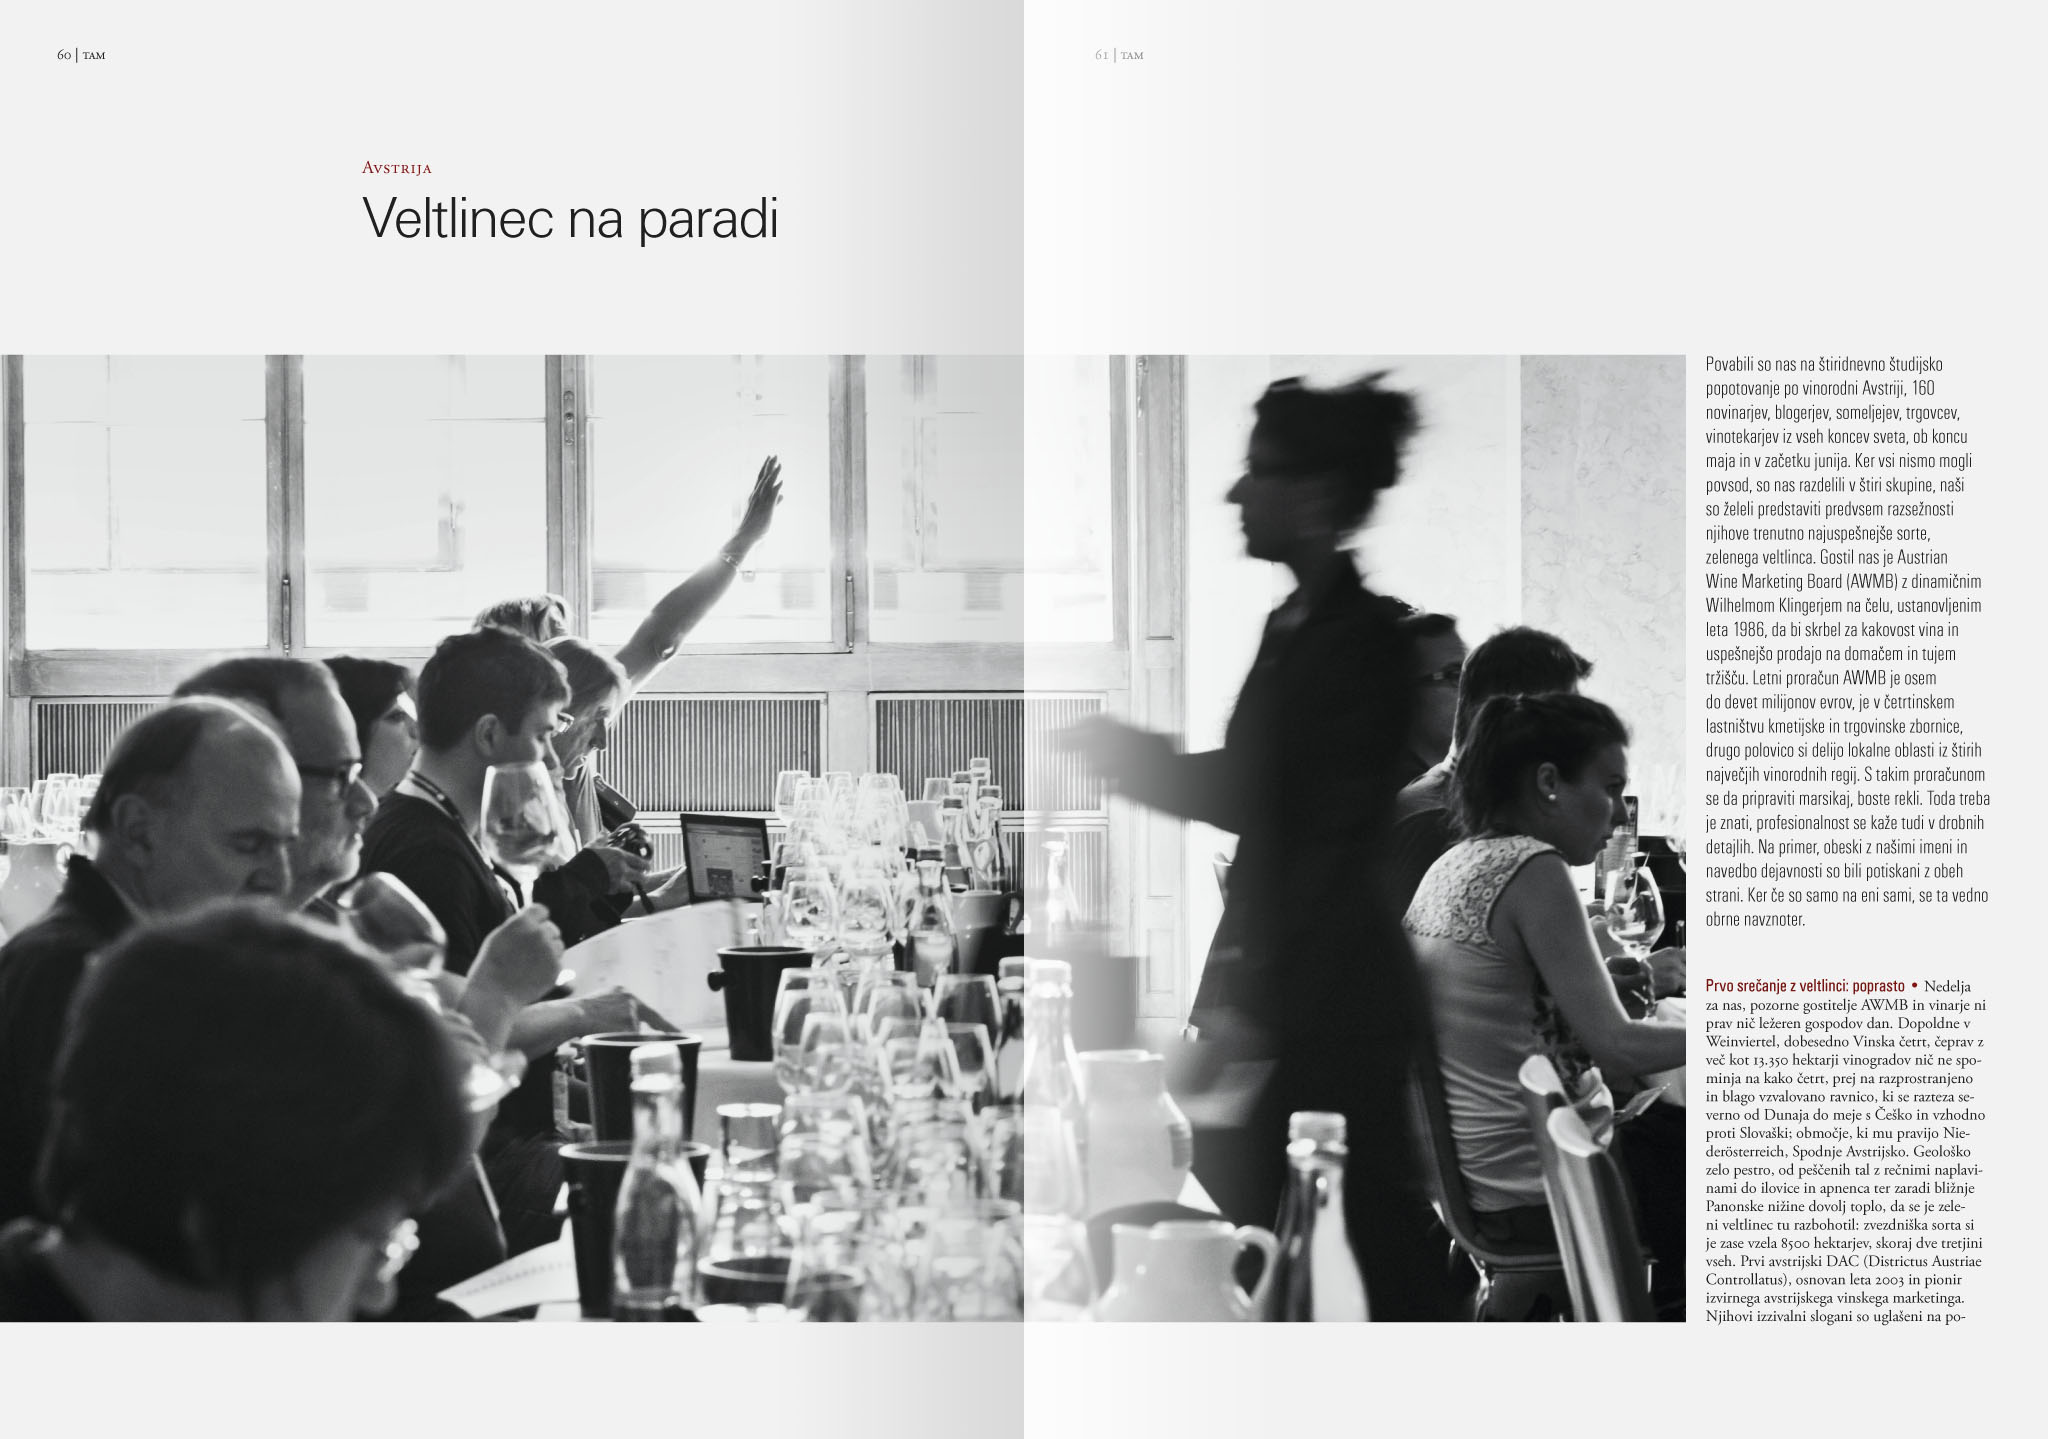 Revija Vino, poletje 2015strani 60 in 61 - uvodne strani članka Veltlinec na paradi· Naročnik: Revija Vino · Fotografija za članek: Marijan Močivnik · 2015 ·